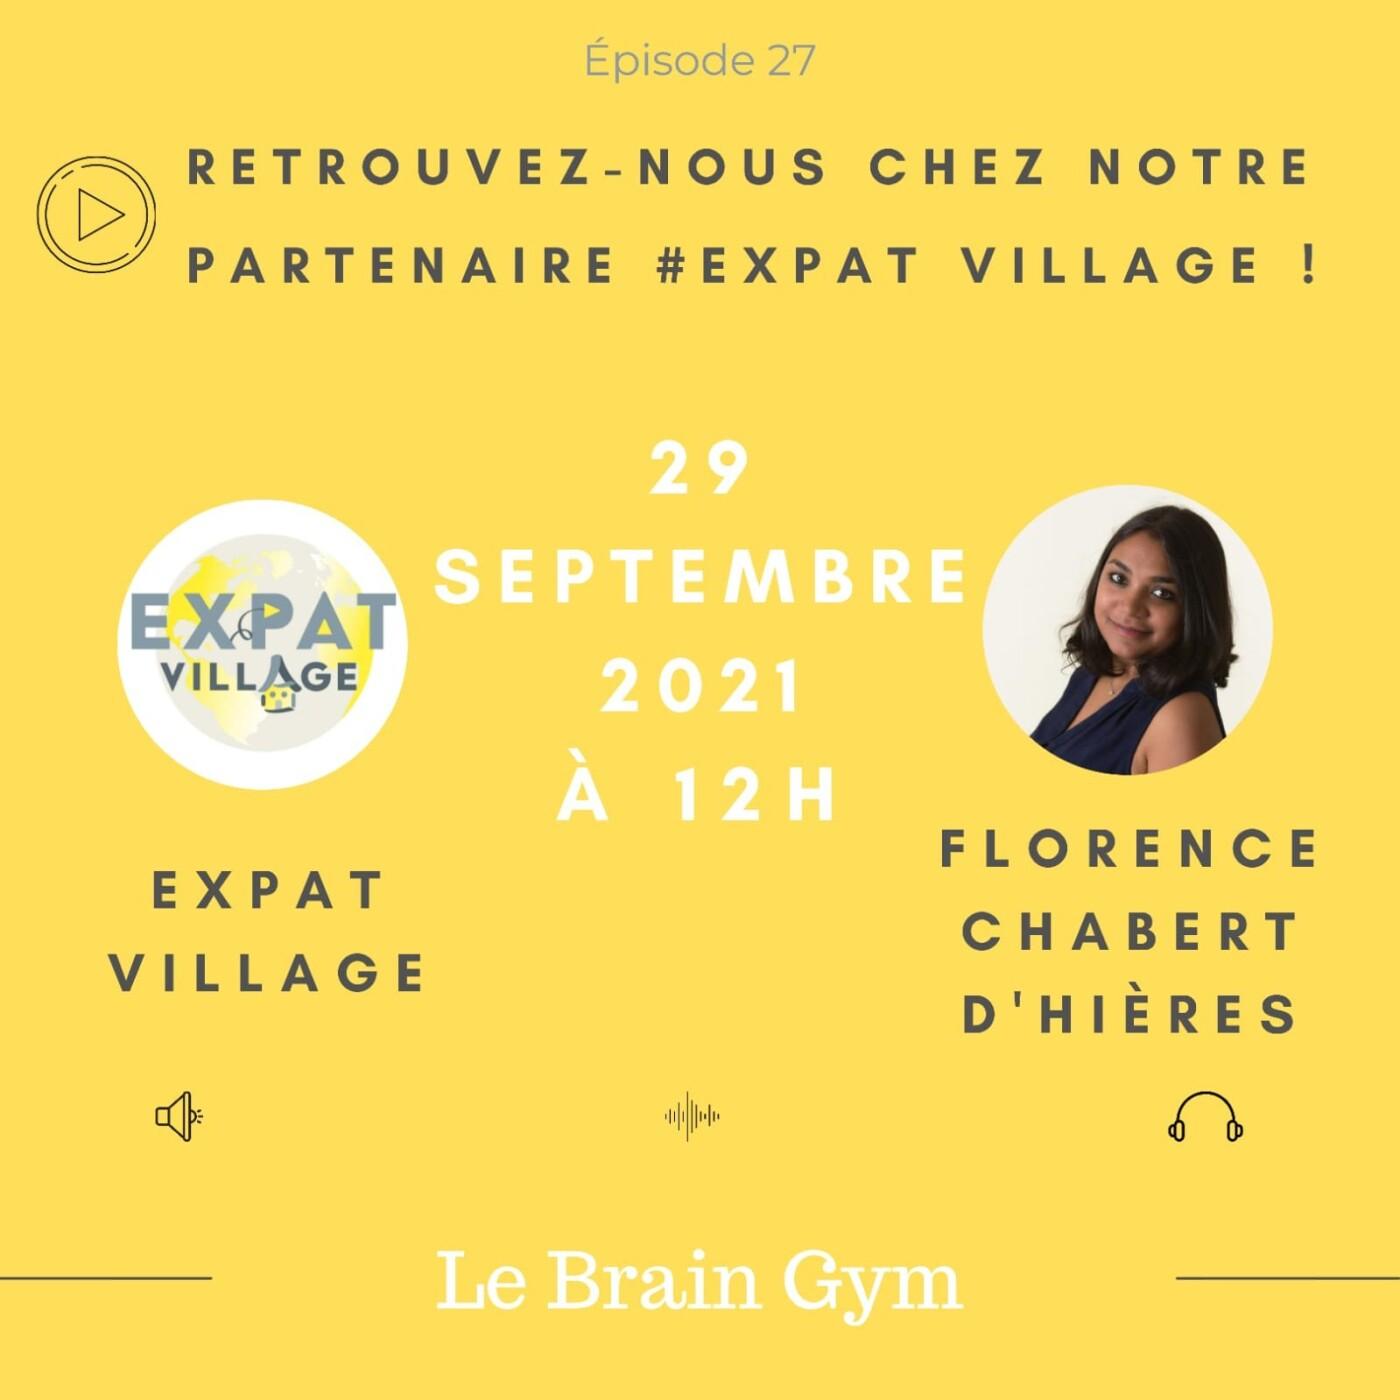 Florence présente le Brain Gym, comment bien utiliser son cerveau - 29 09 2021 - StereoChic Radio